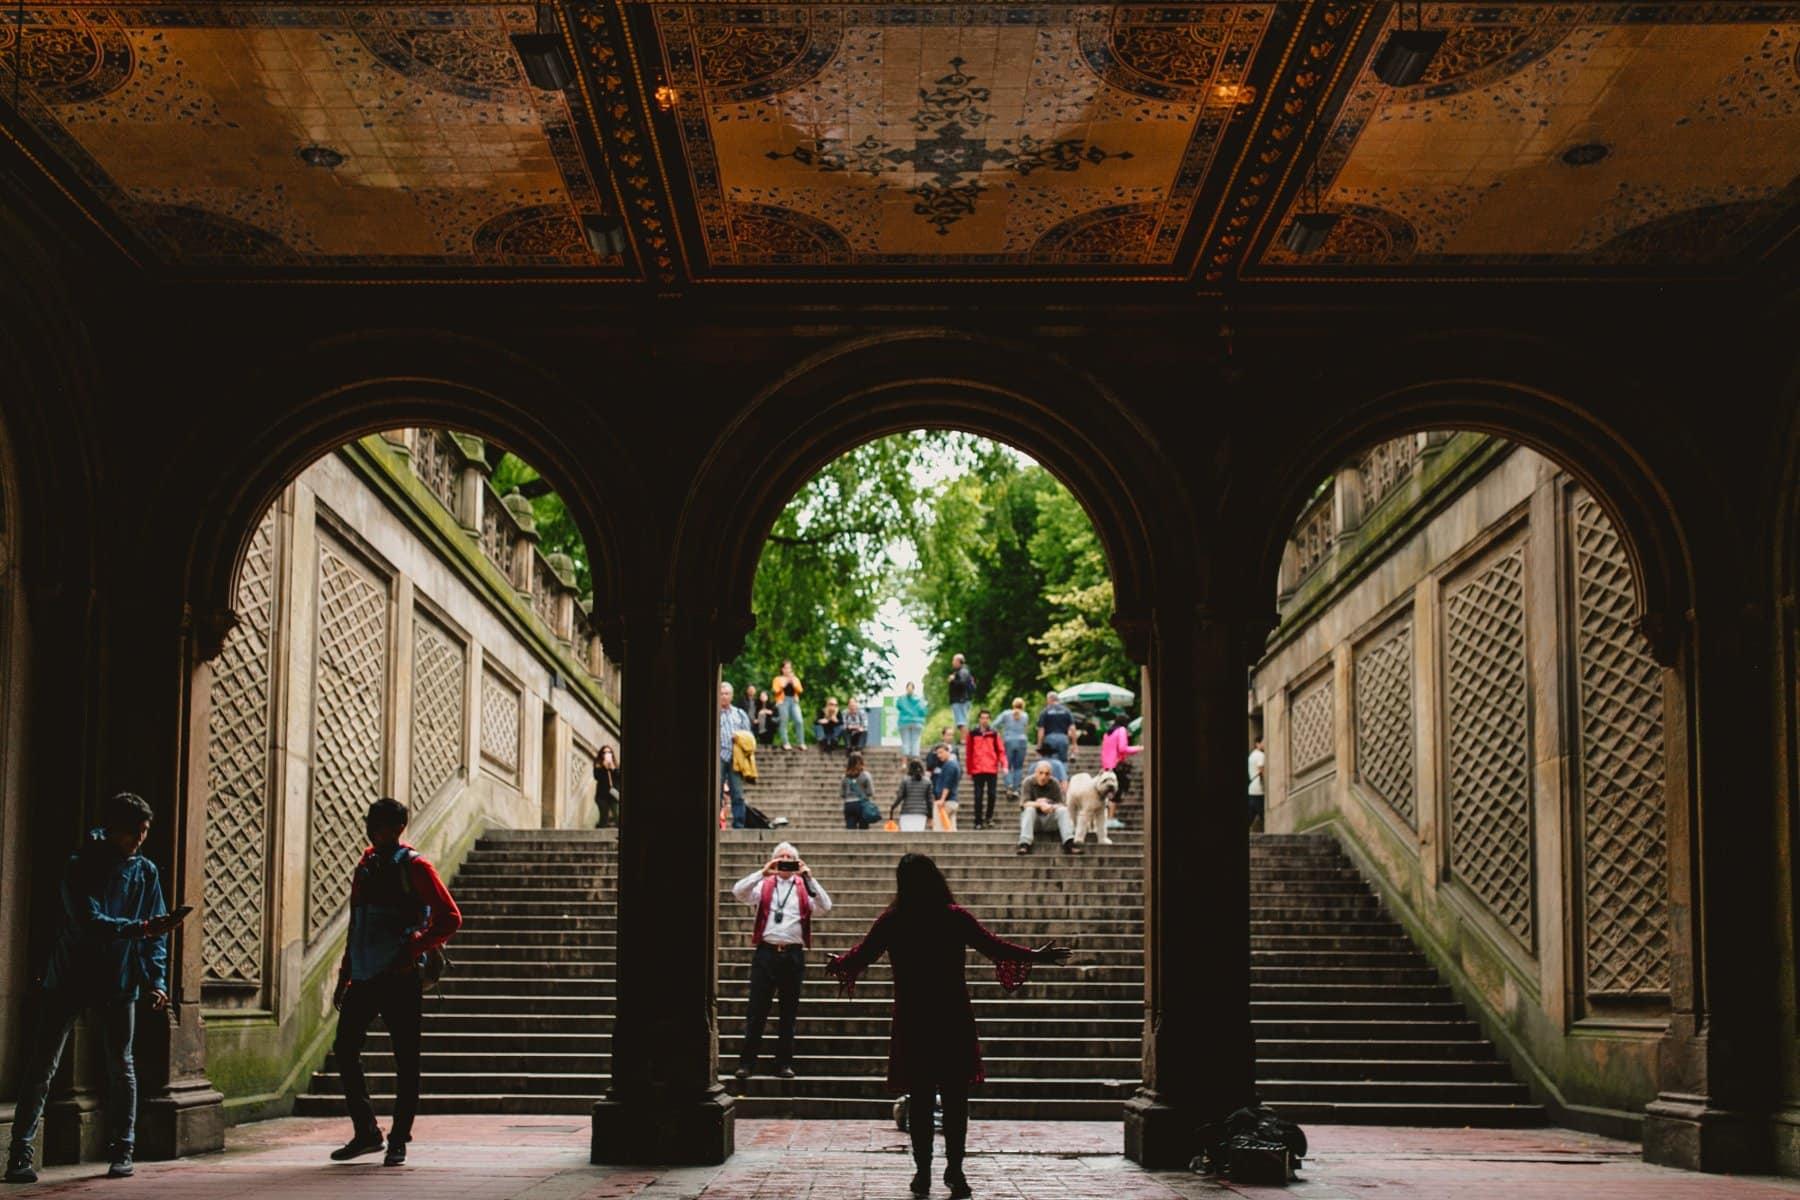 opera singer in New York Minton Tiles Central Park